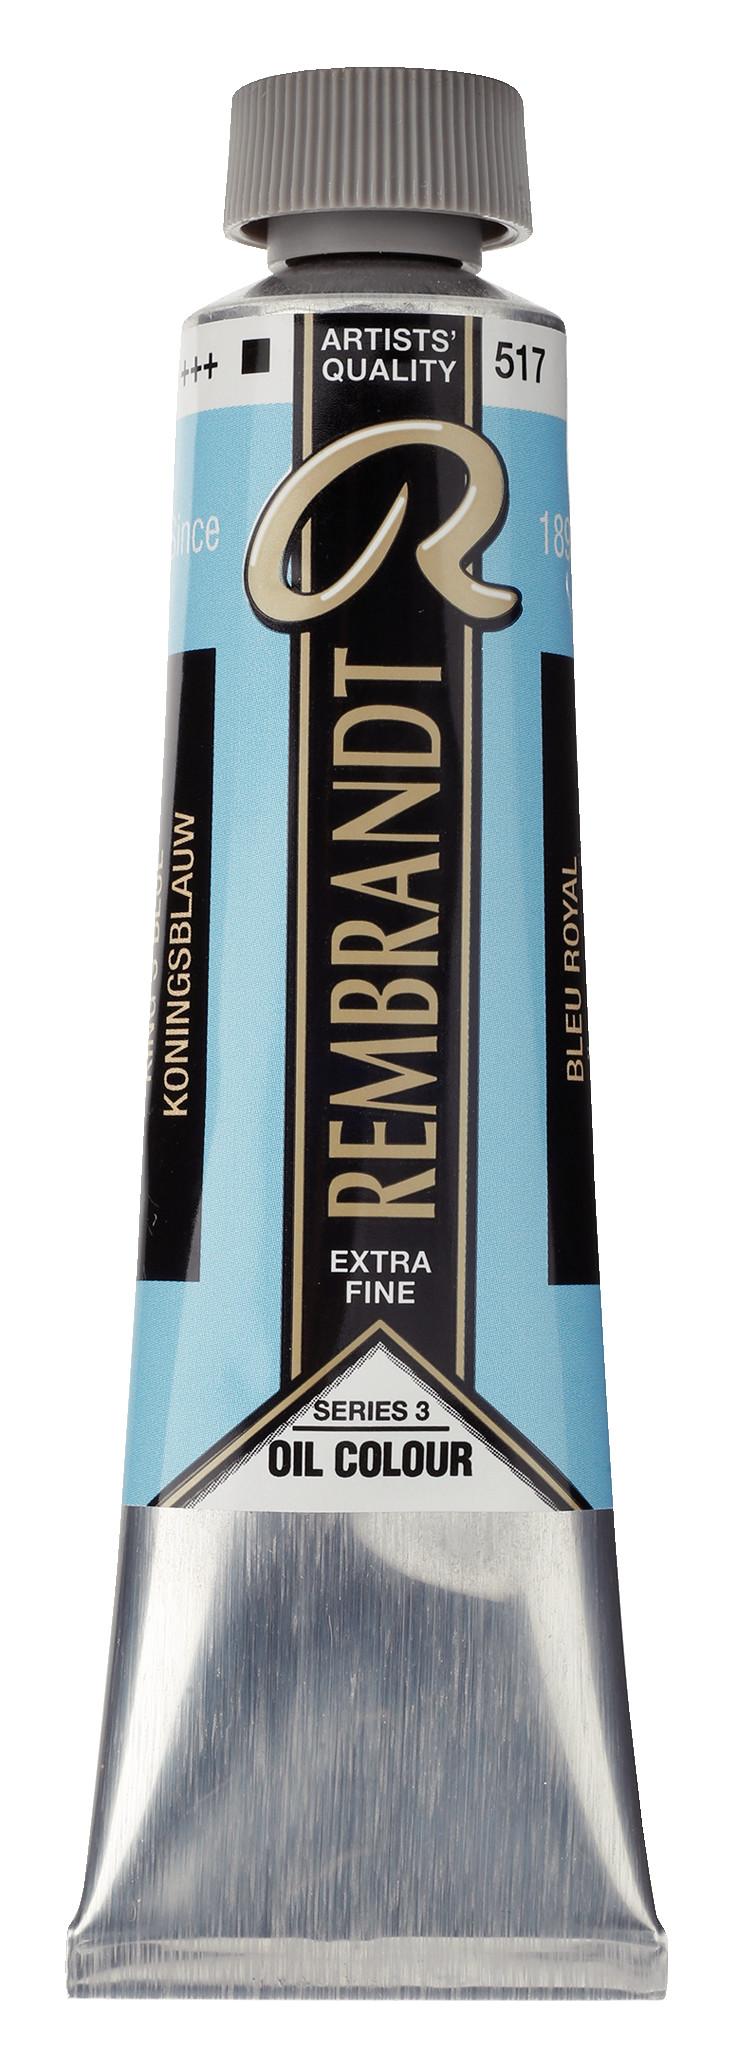 Rembrandt Oil colour Paint King's Blue (517) 40ml Tube